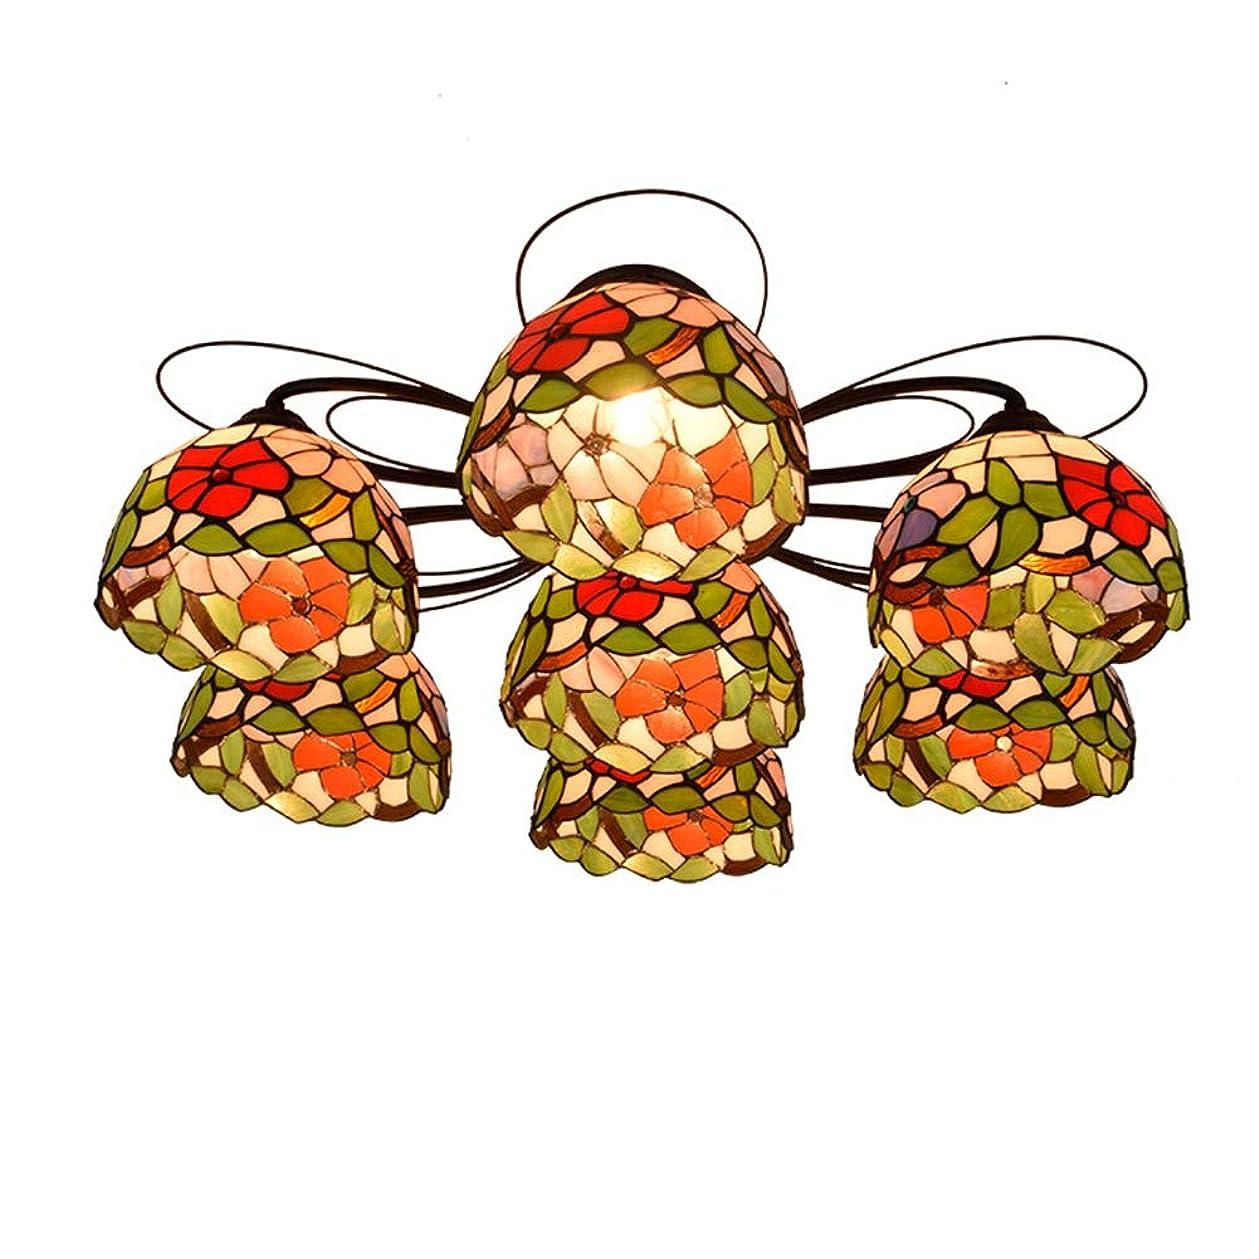 前書きつかいます神経障害HTYJY ティファニー7マルチヘッド天井のランプトリコロールモーニンググローリー塗装済みグラスランプリビングルームダイニングルームベッドルームリビングルーム Tiffany style